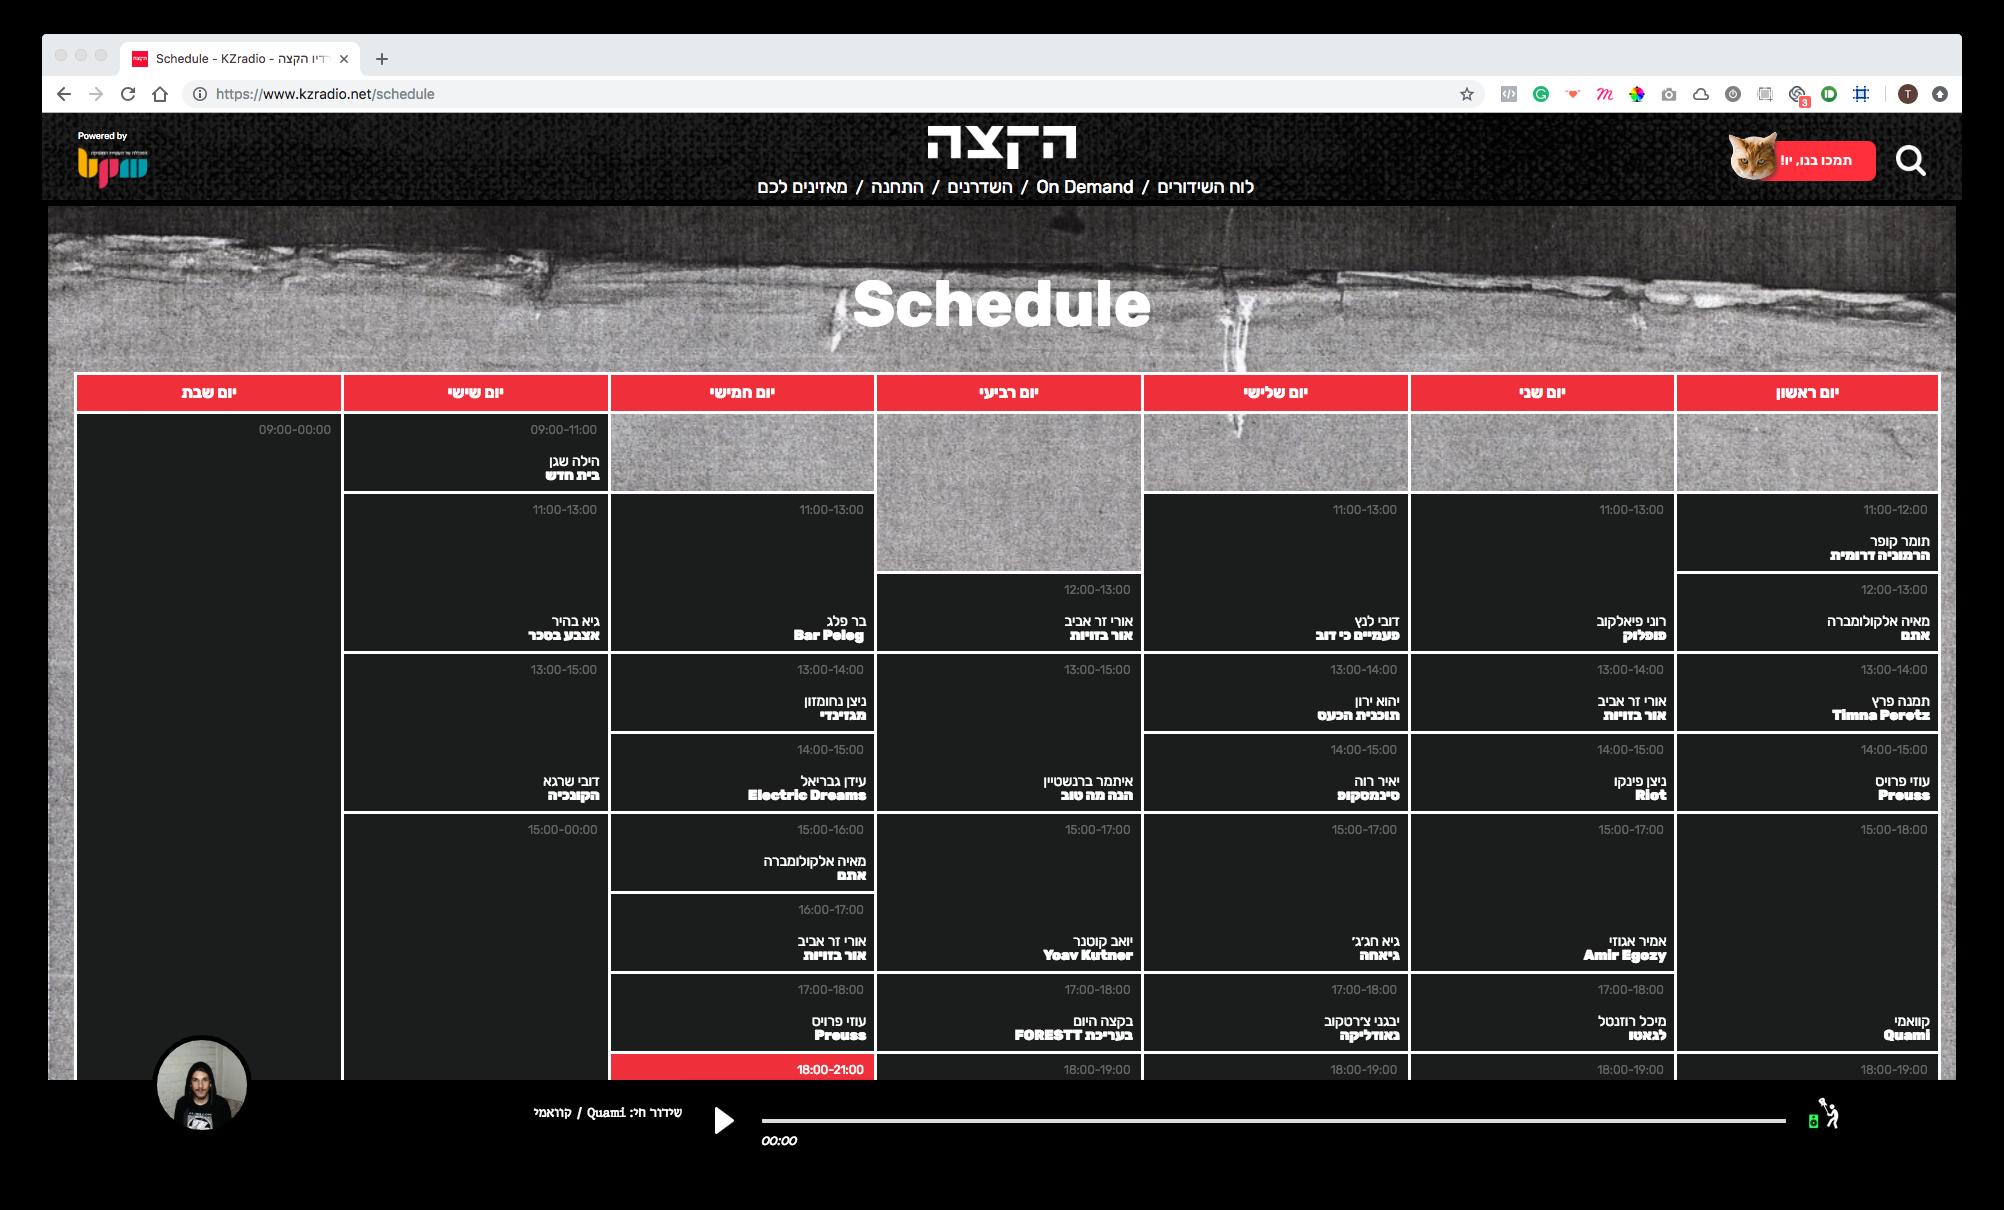 KZRadio_Calendar